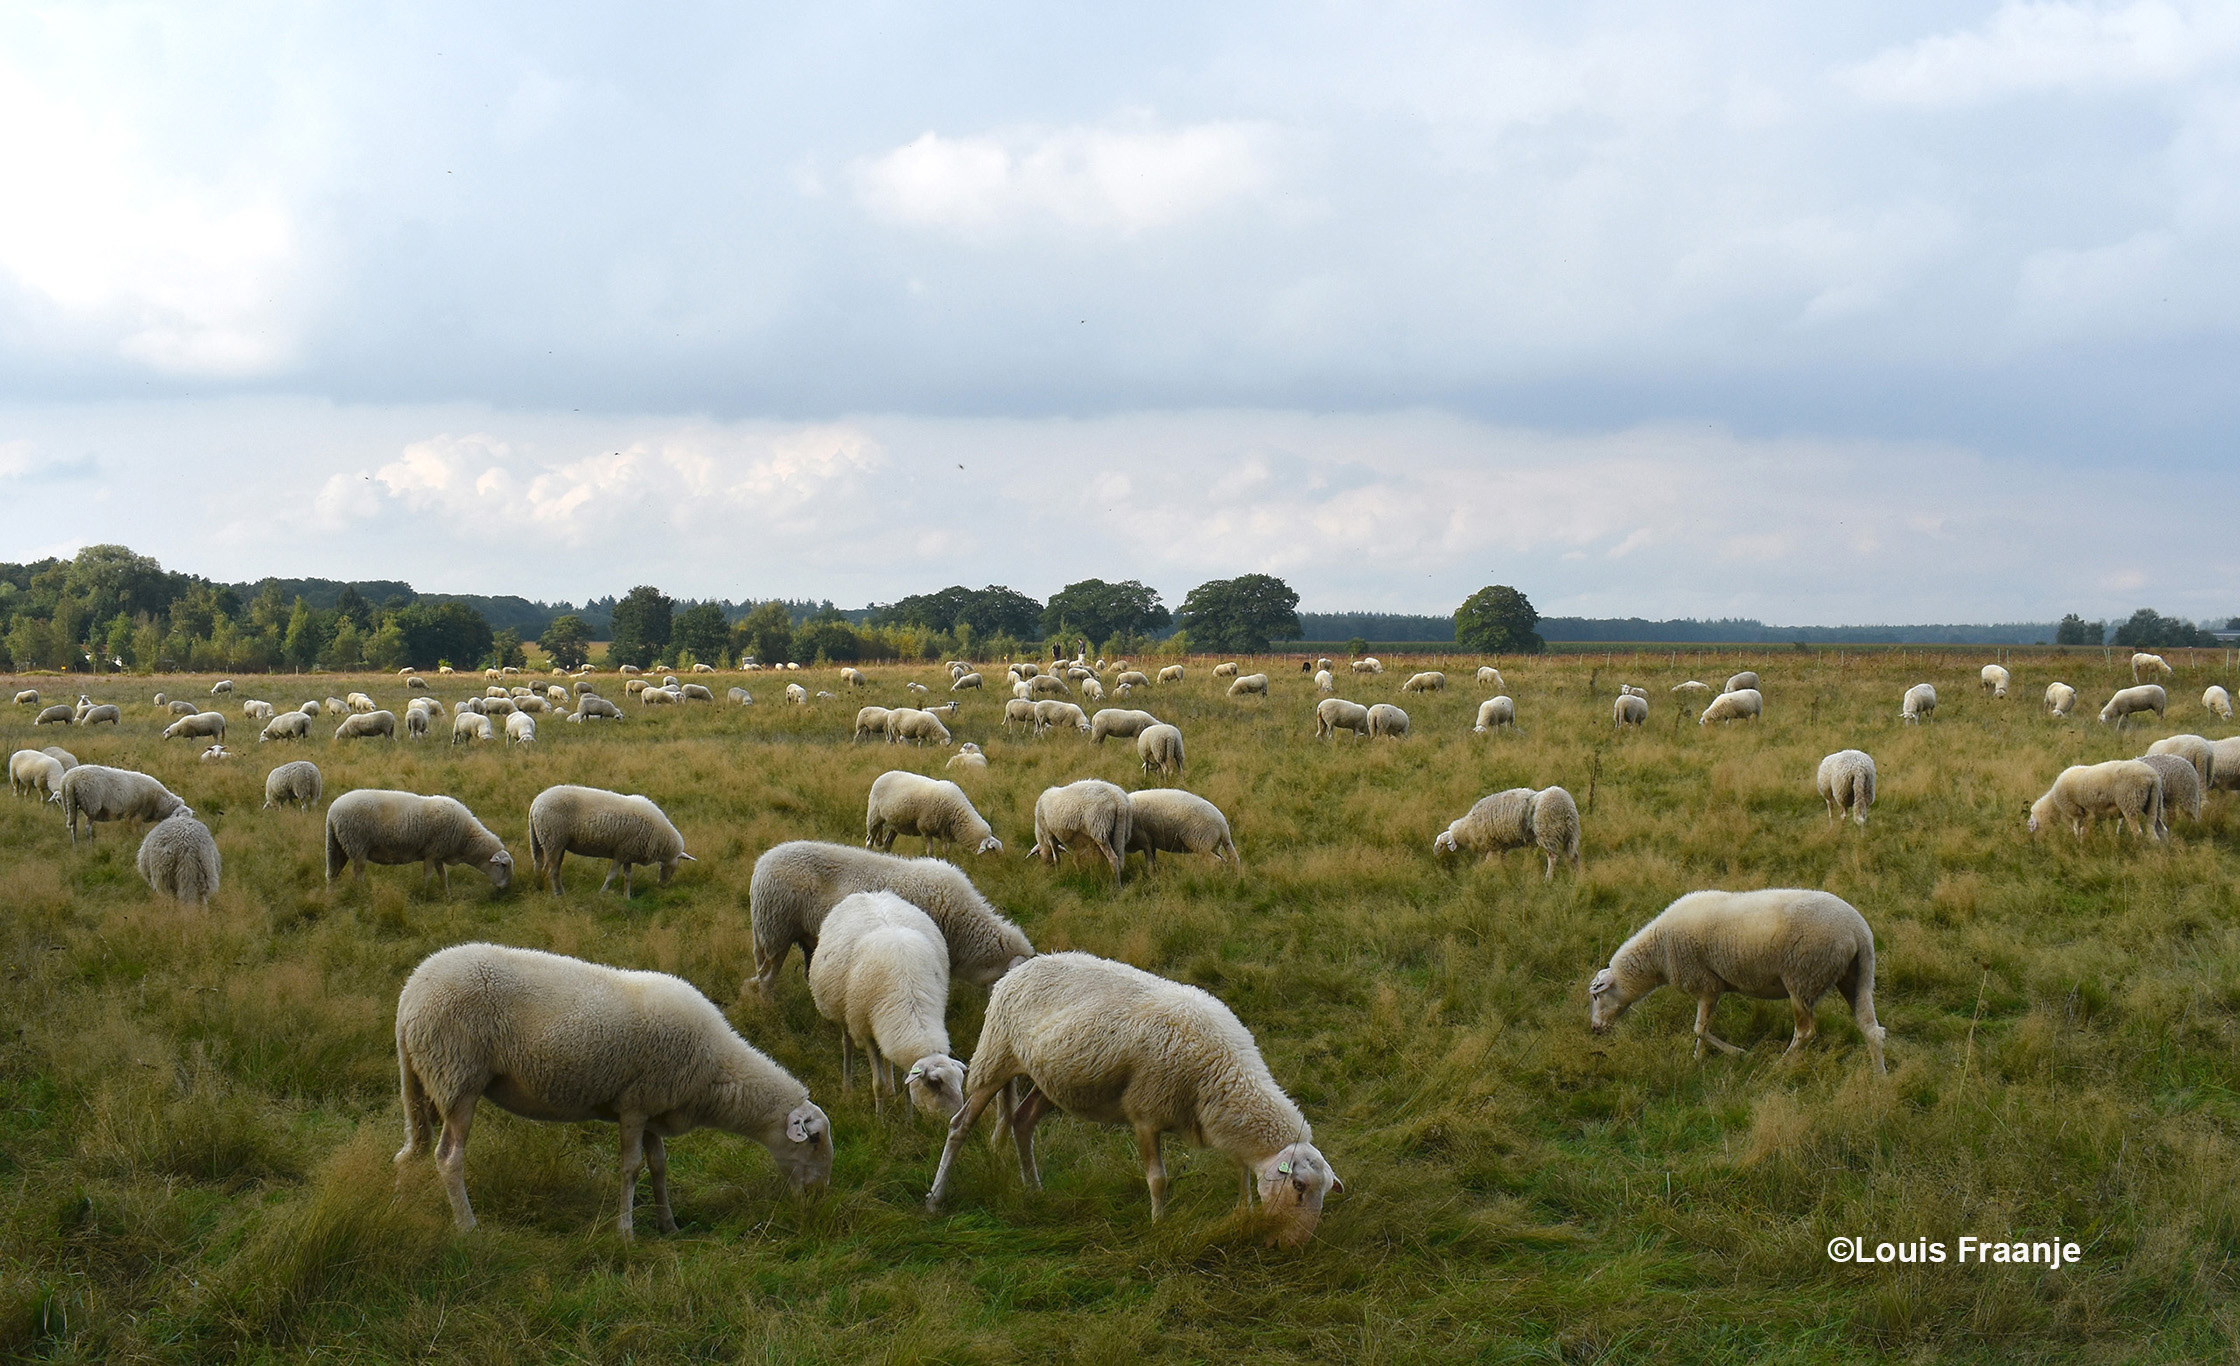 De kudde schapen bij Eethuis Airborne in Renkum - Foto: ©Louis Fraanje